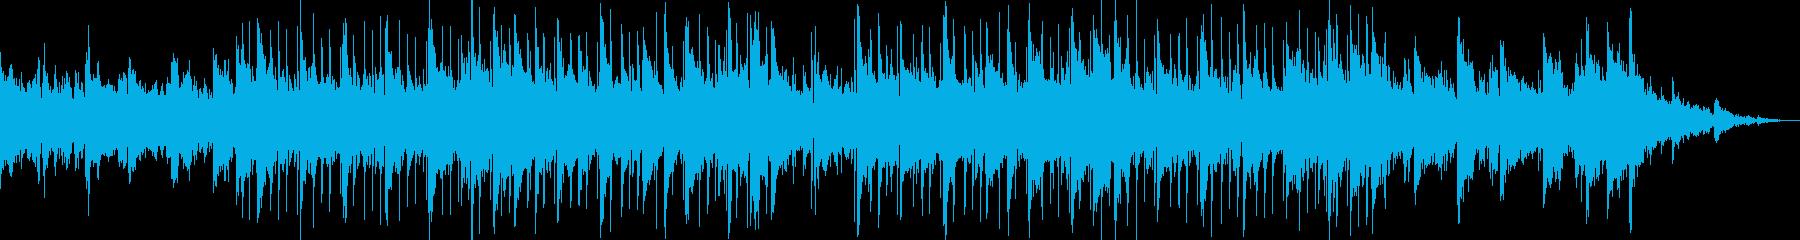 リラックス・アンビエント・ロックの再生済みの波形